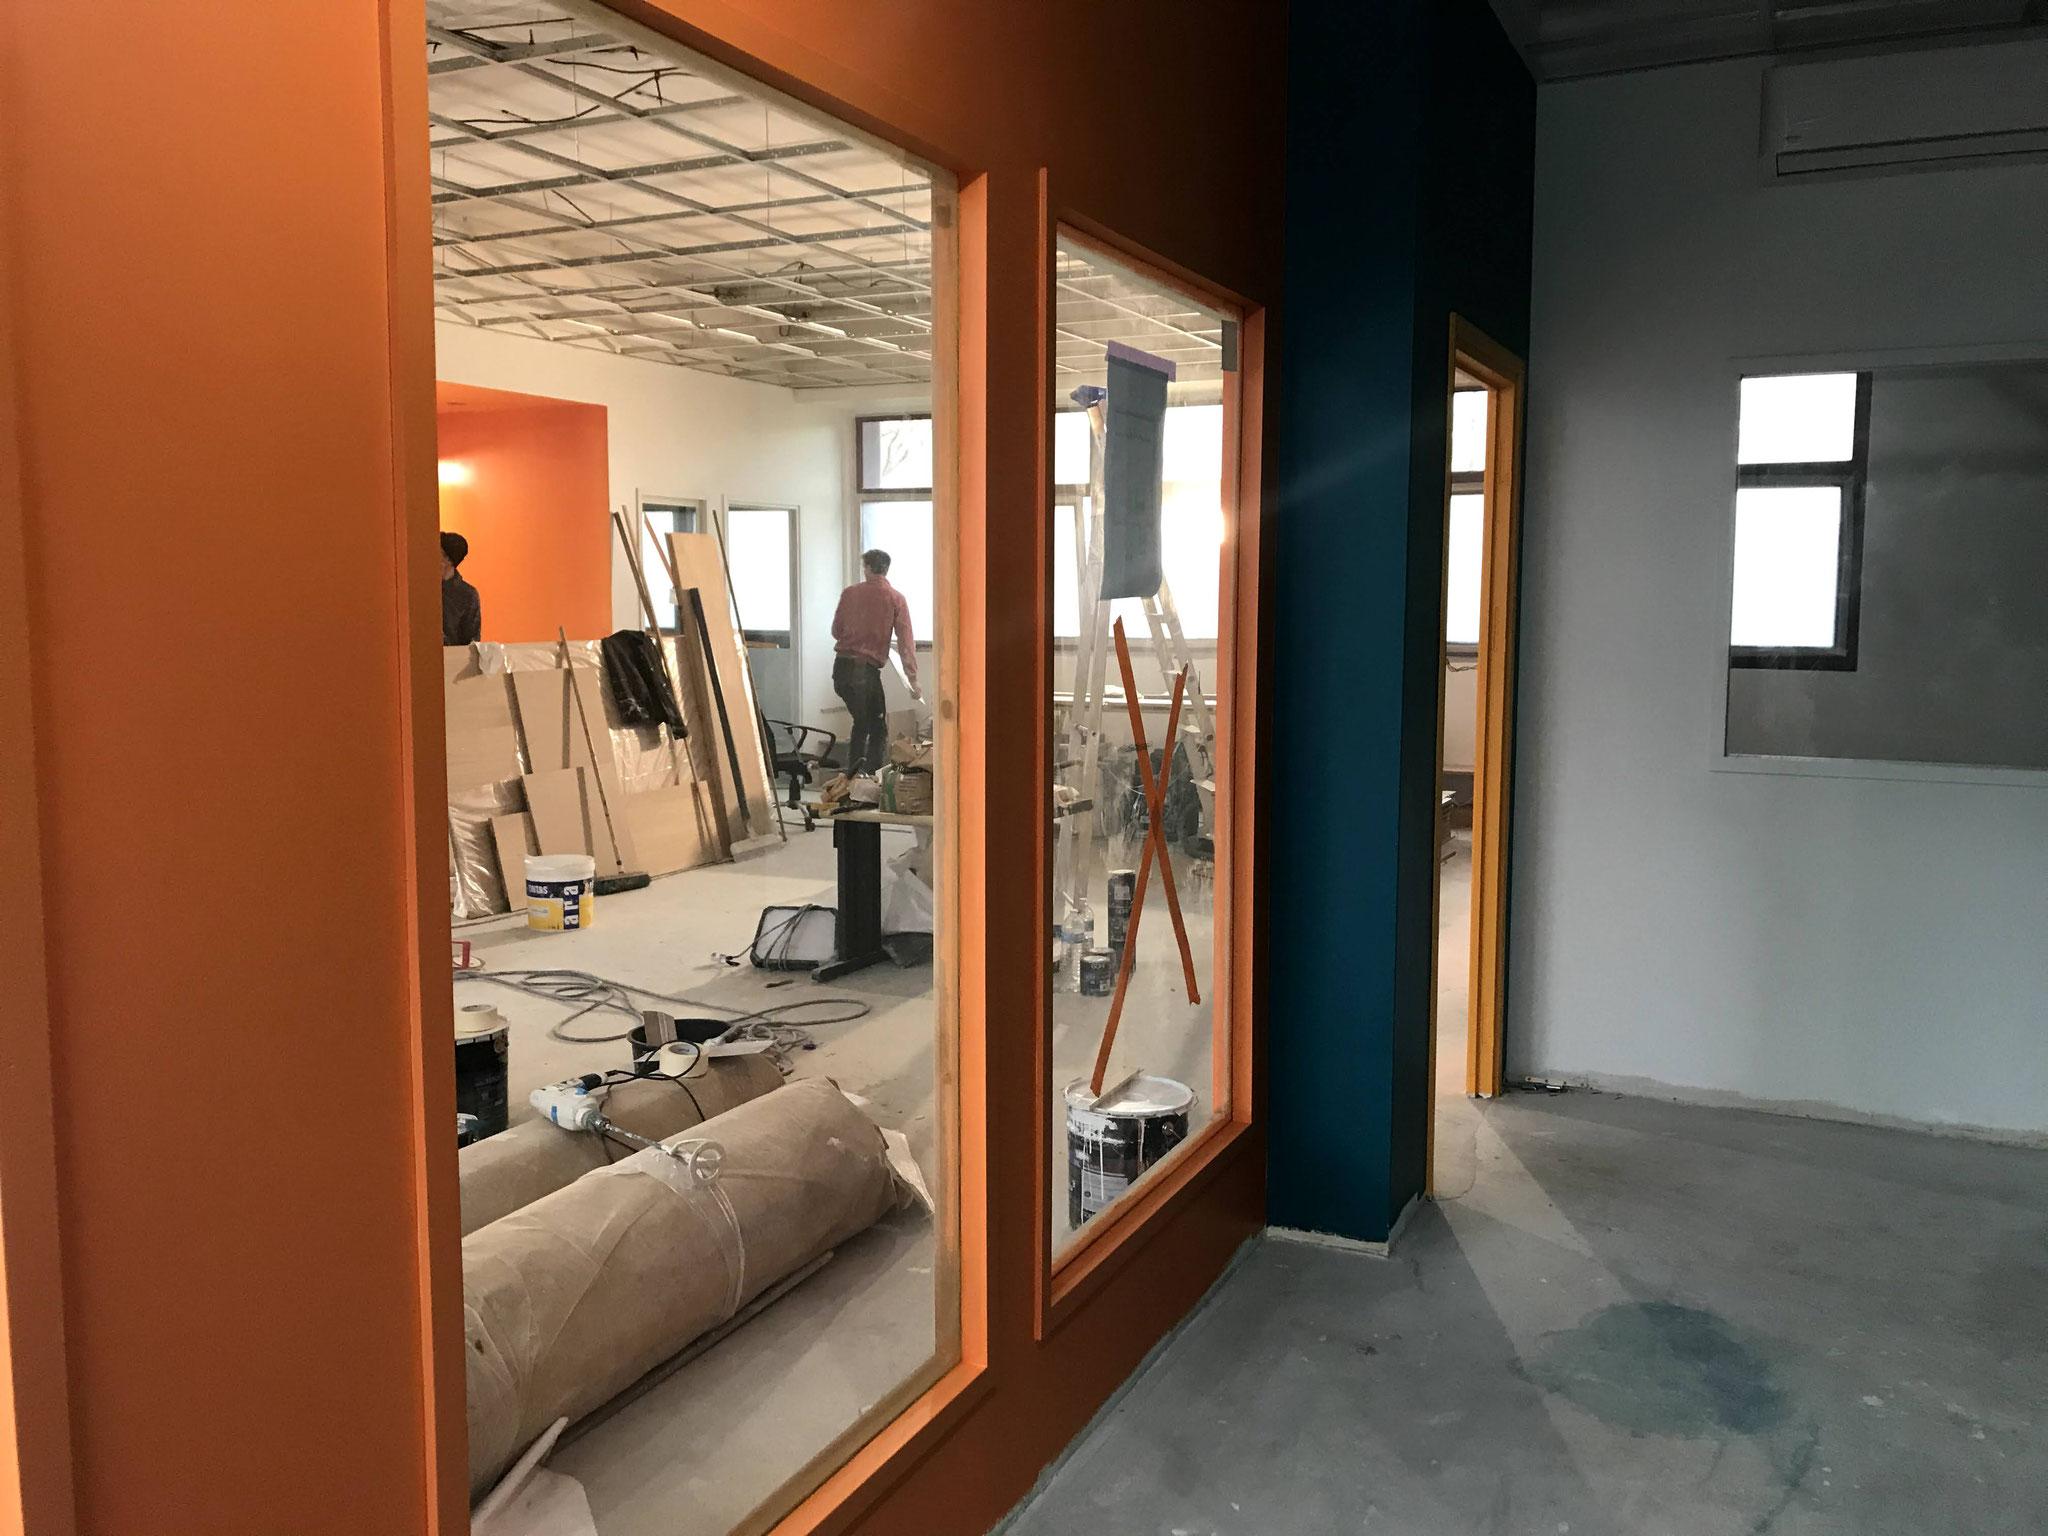 Le 31 janvier : La vue du dortoir sur la salle de vie.